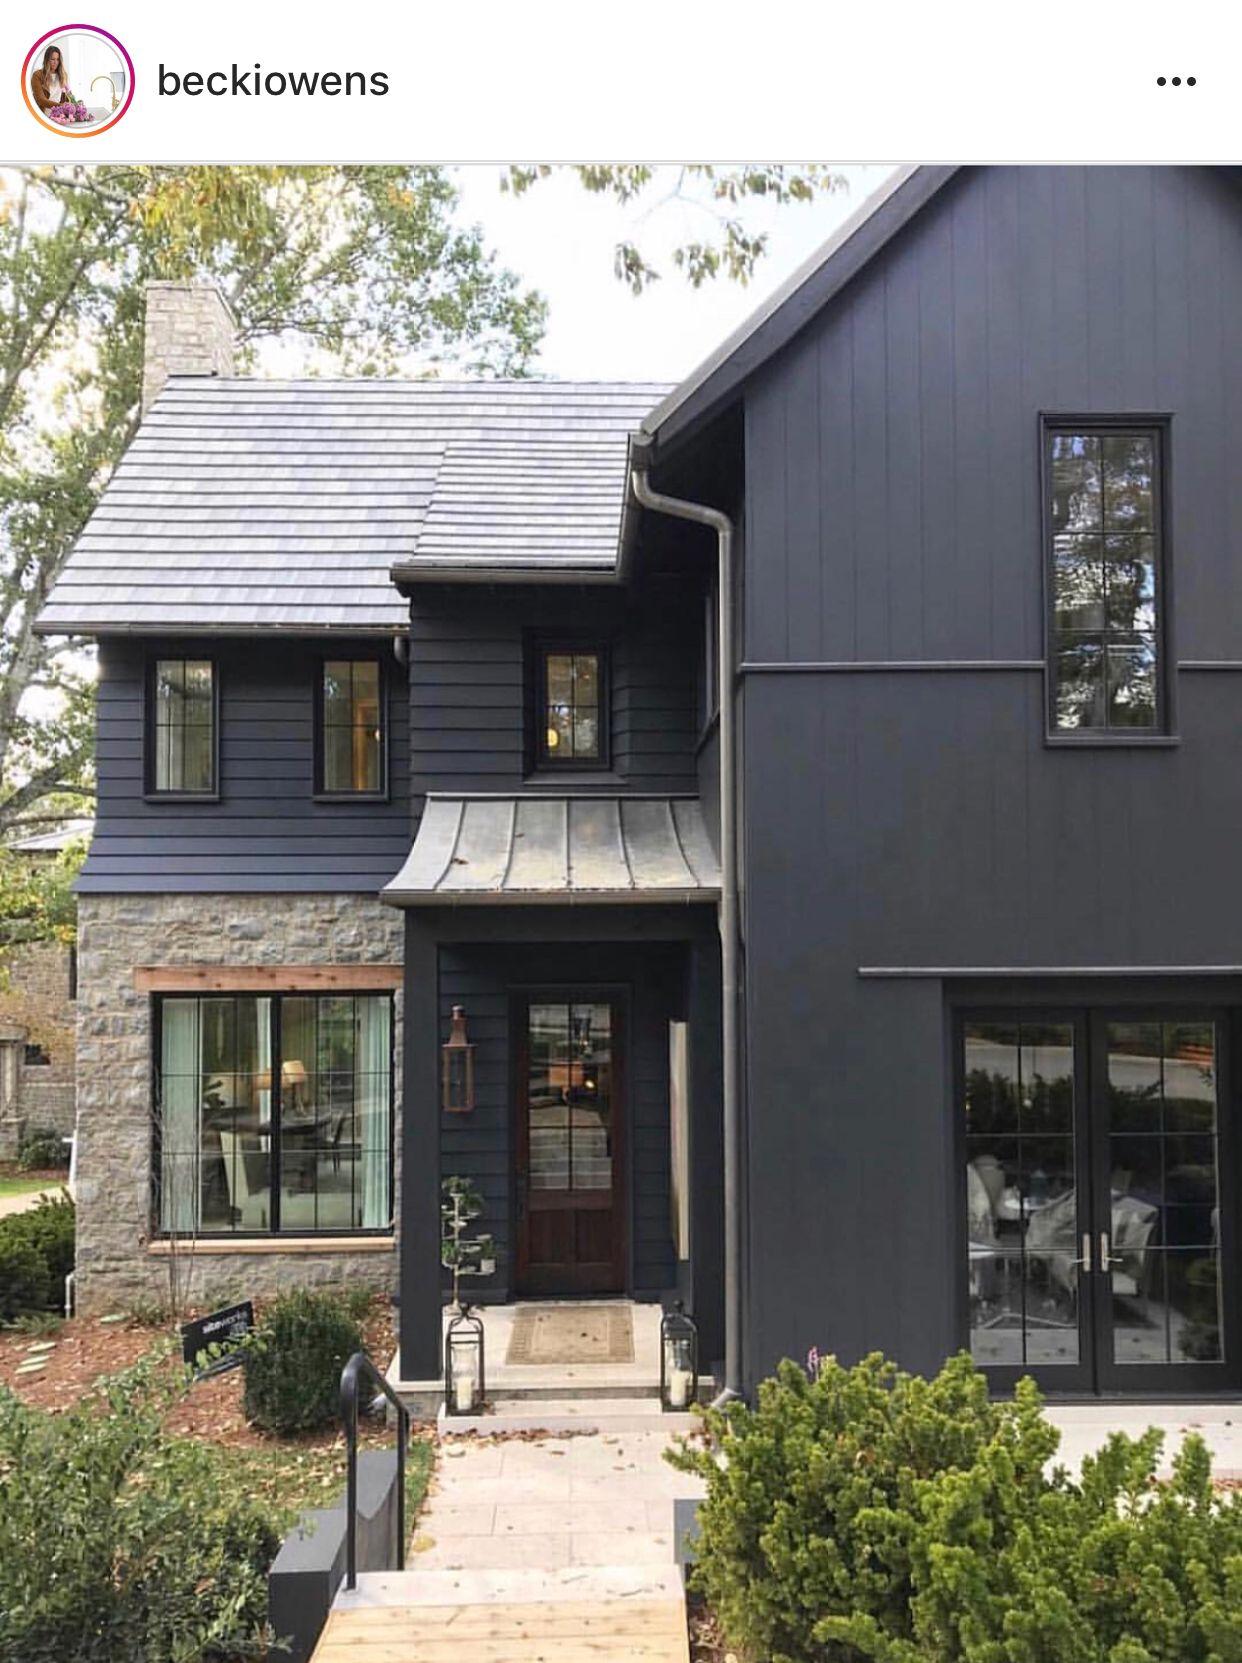 Ziegelhaus design außen pin von ng auf houses  pinterest  haus zuhause und haus ideen